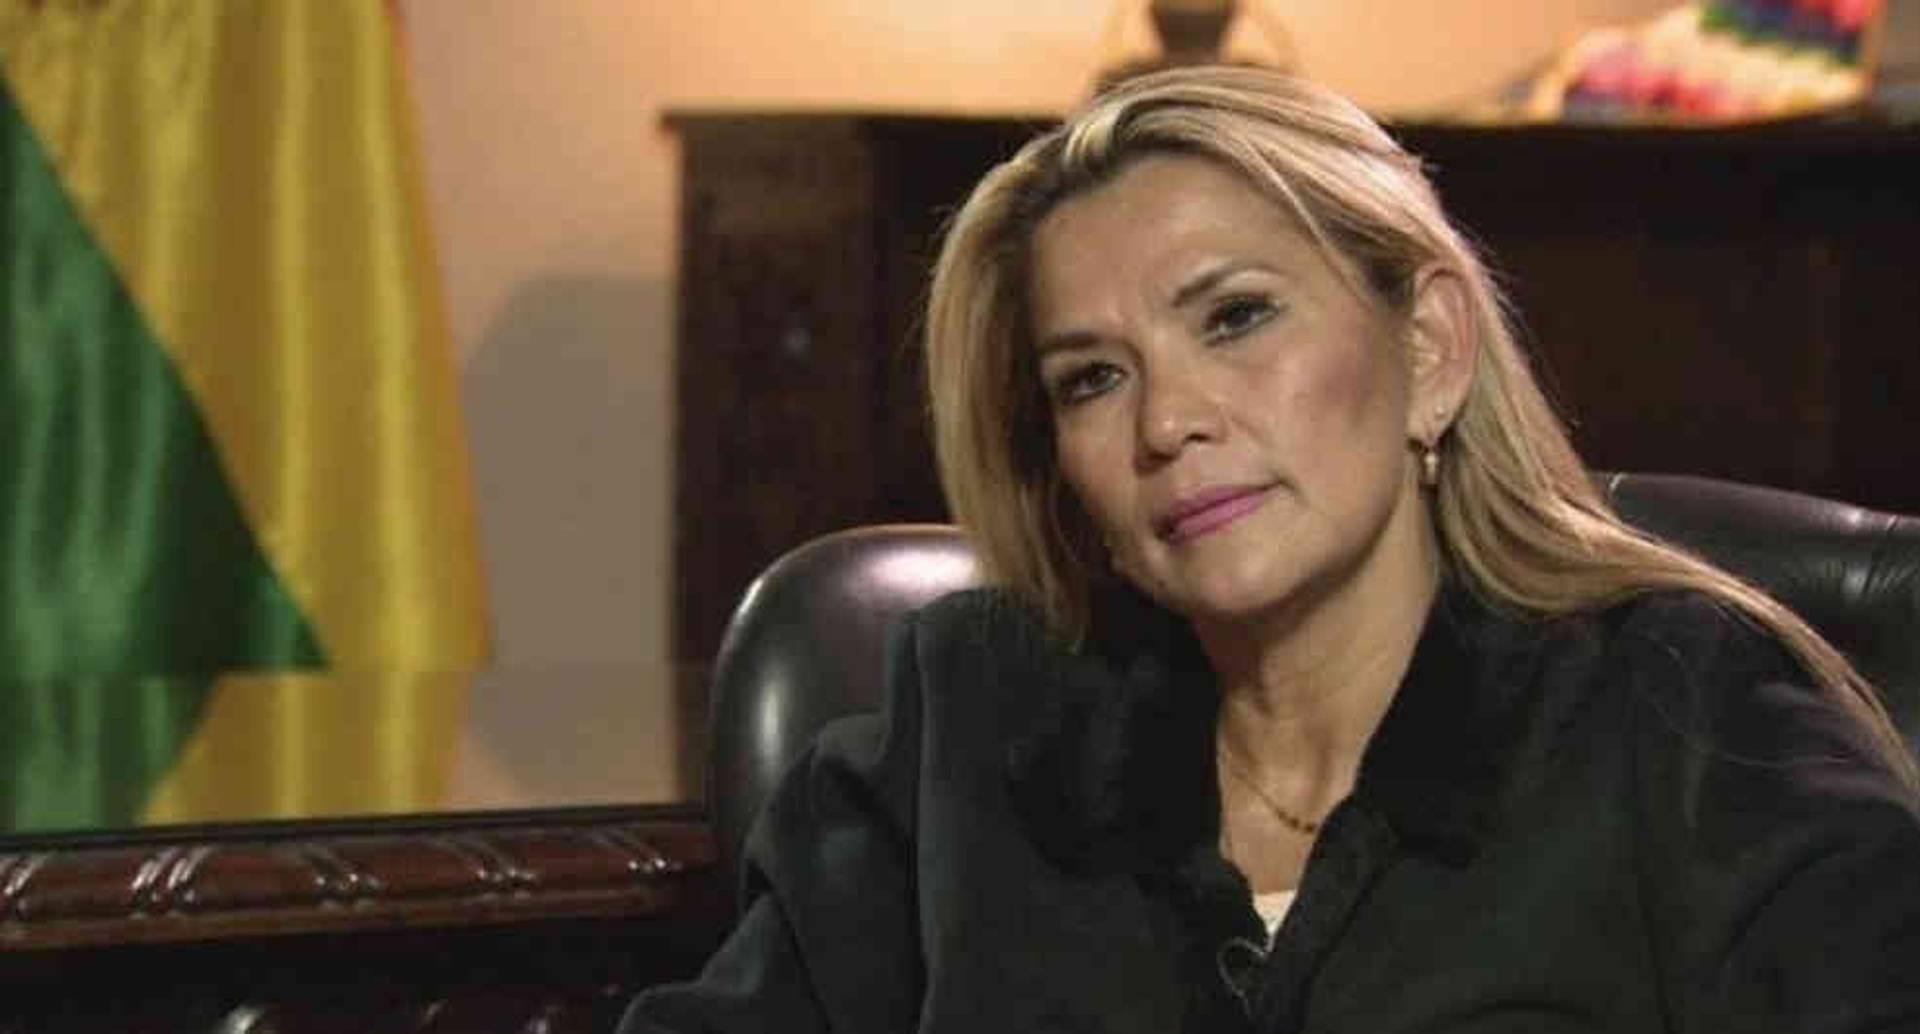 La abogada de 52 años de edad era vicepresidenta del Senado a nombre de la oposición.